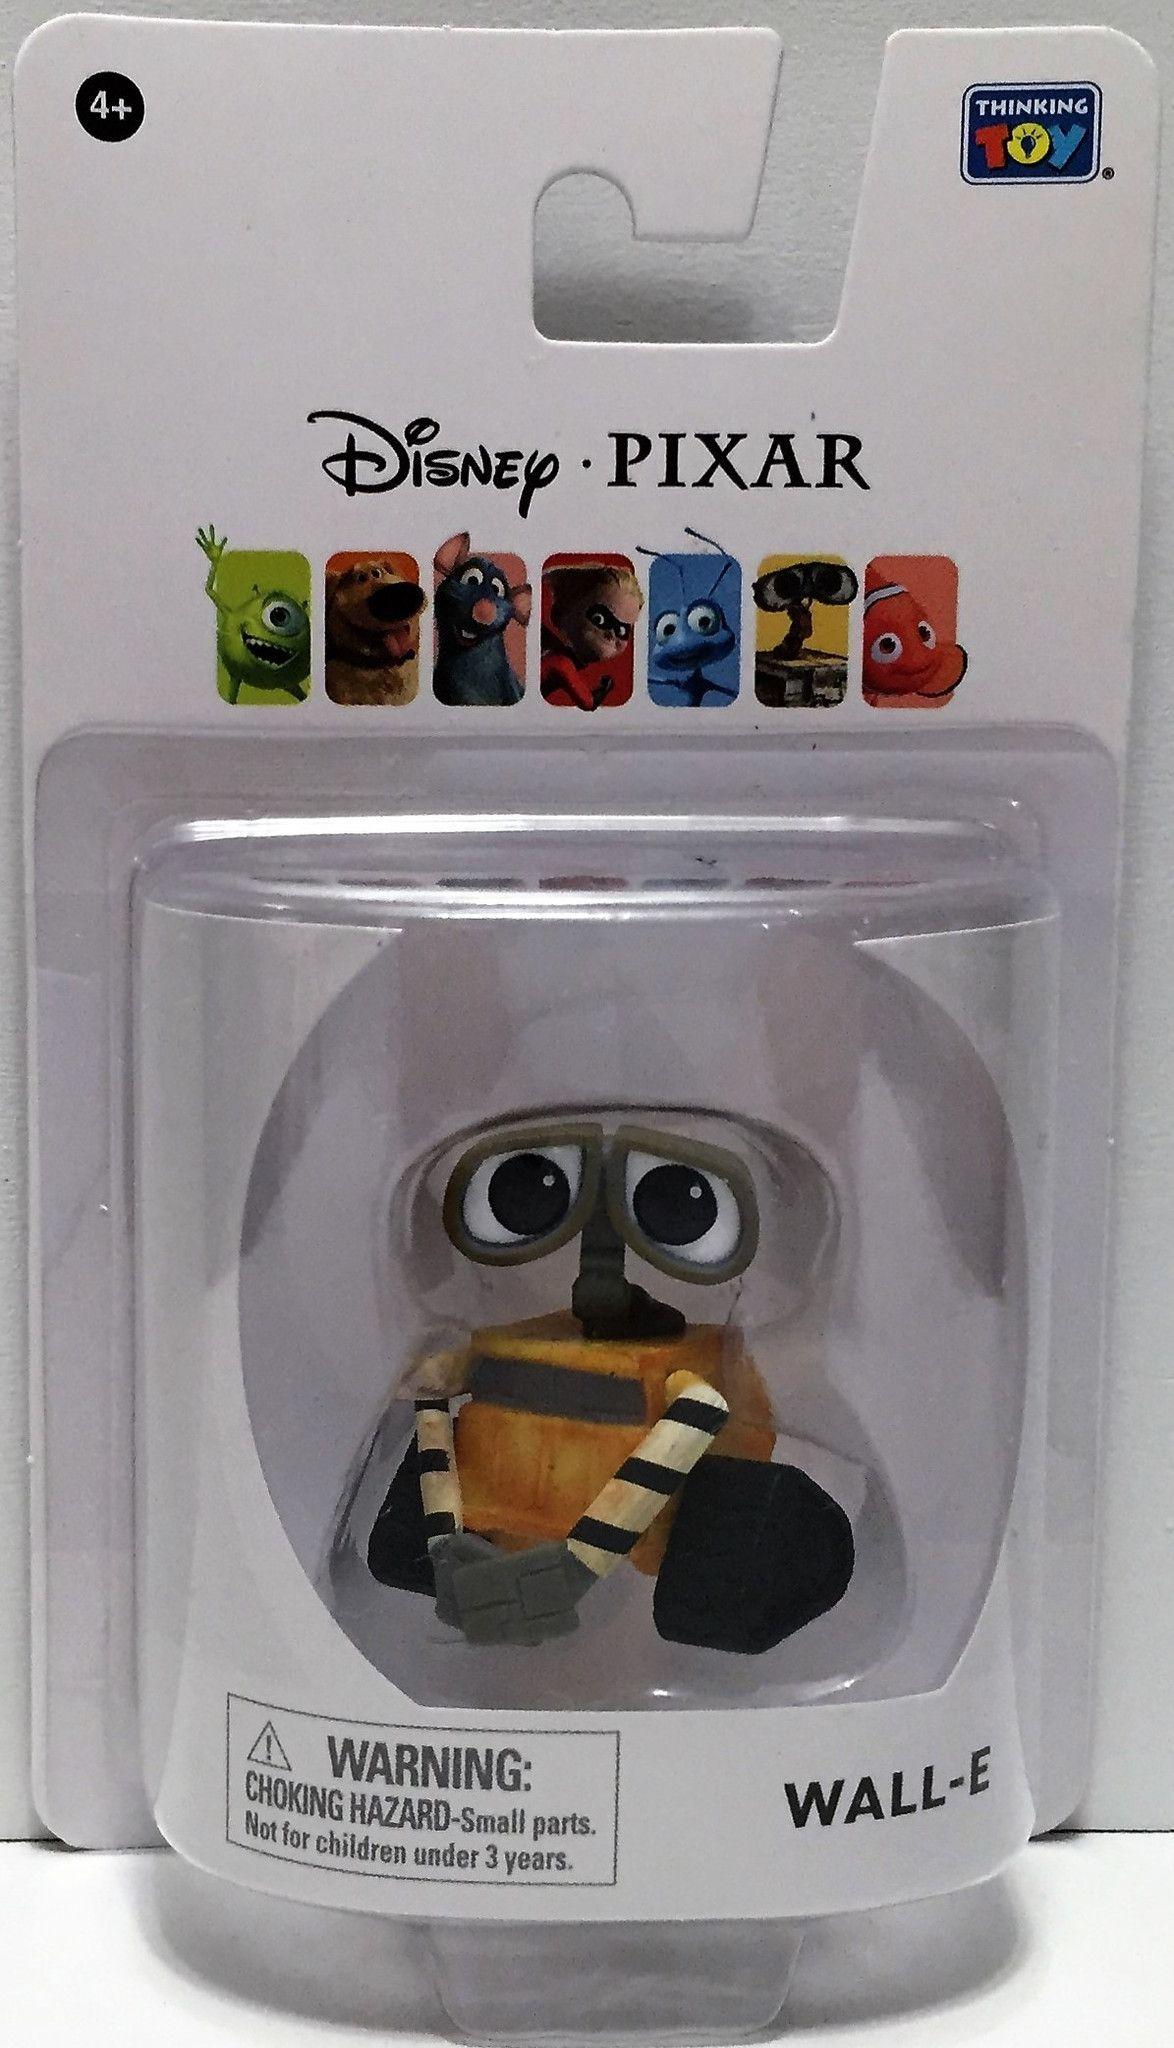 TAS034757) - Thinkway Toys Disney Pixar Action Figure - Wall-E ...